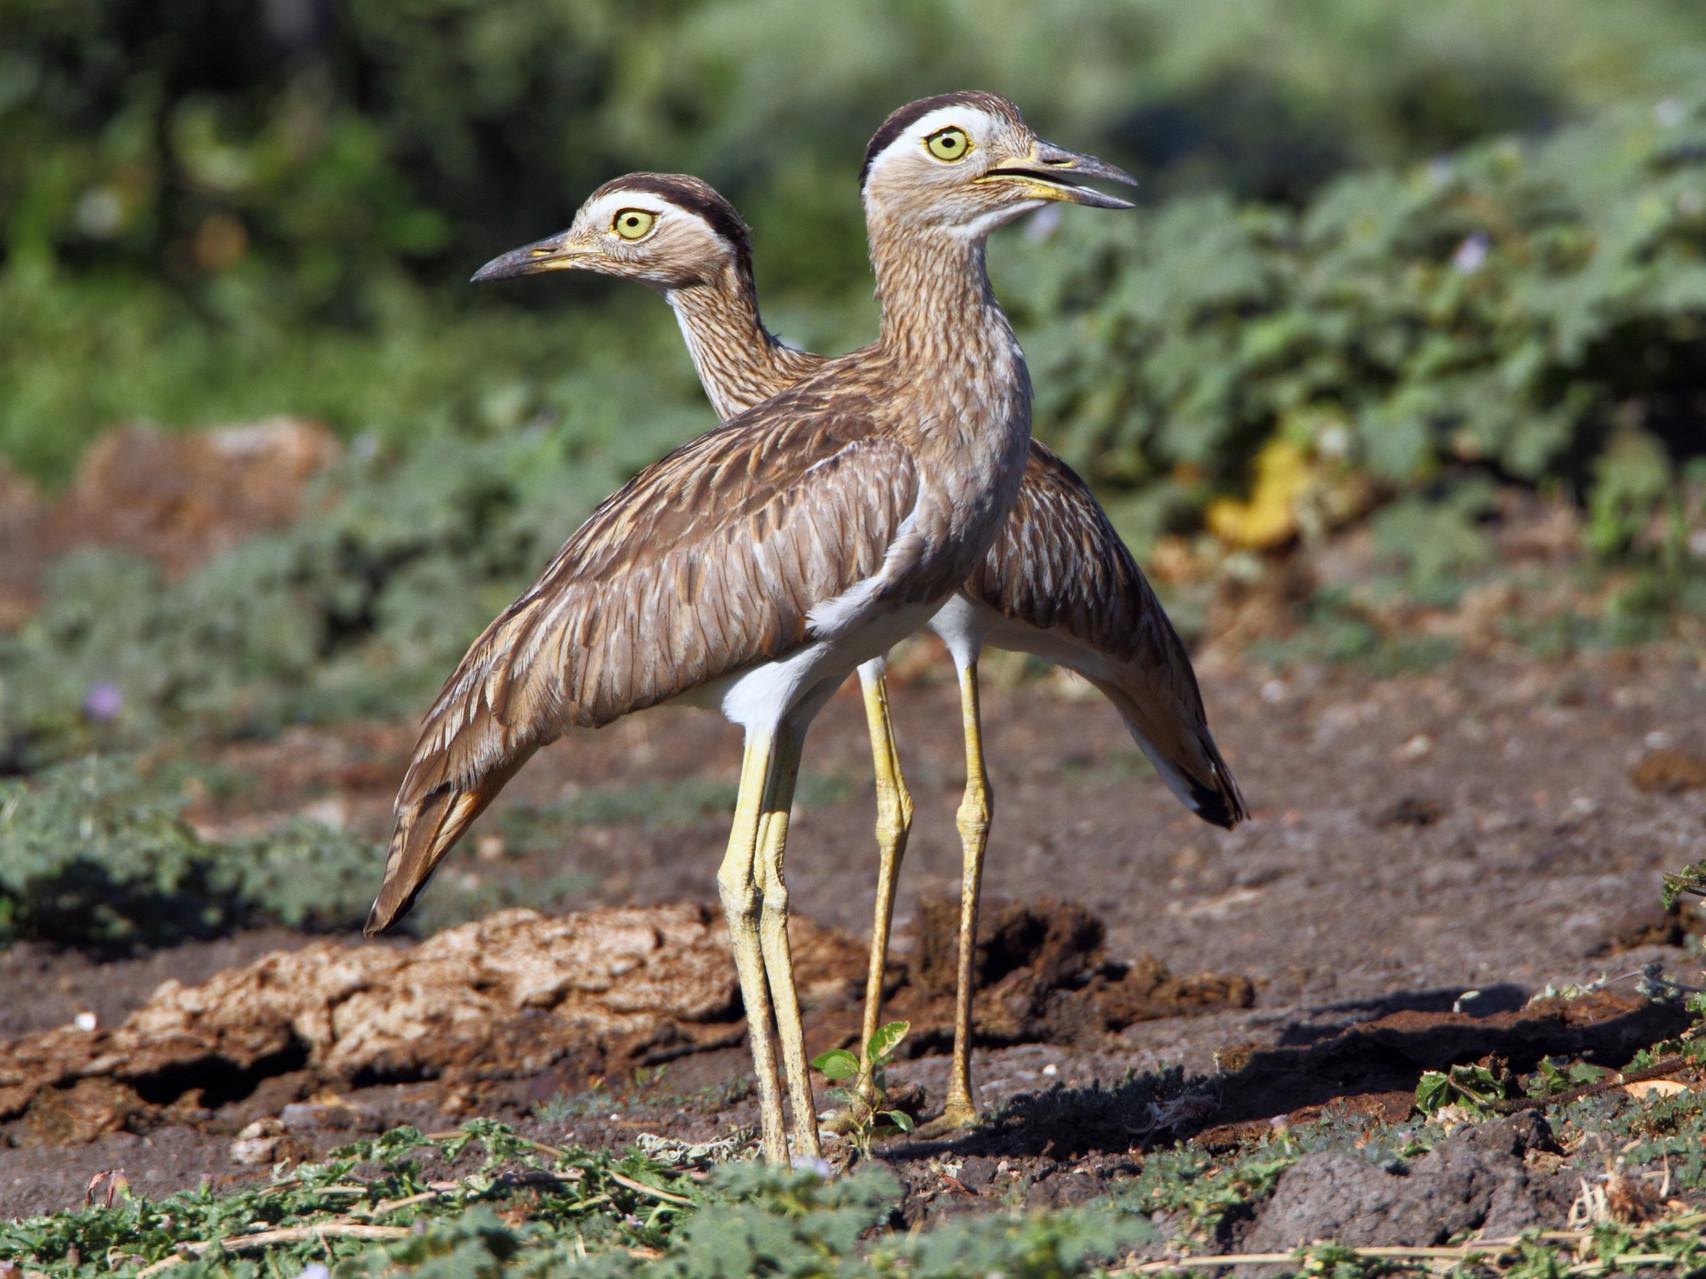 Dominikaner-Triele sind ziemlich lärmige Vögel